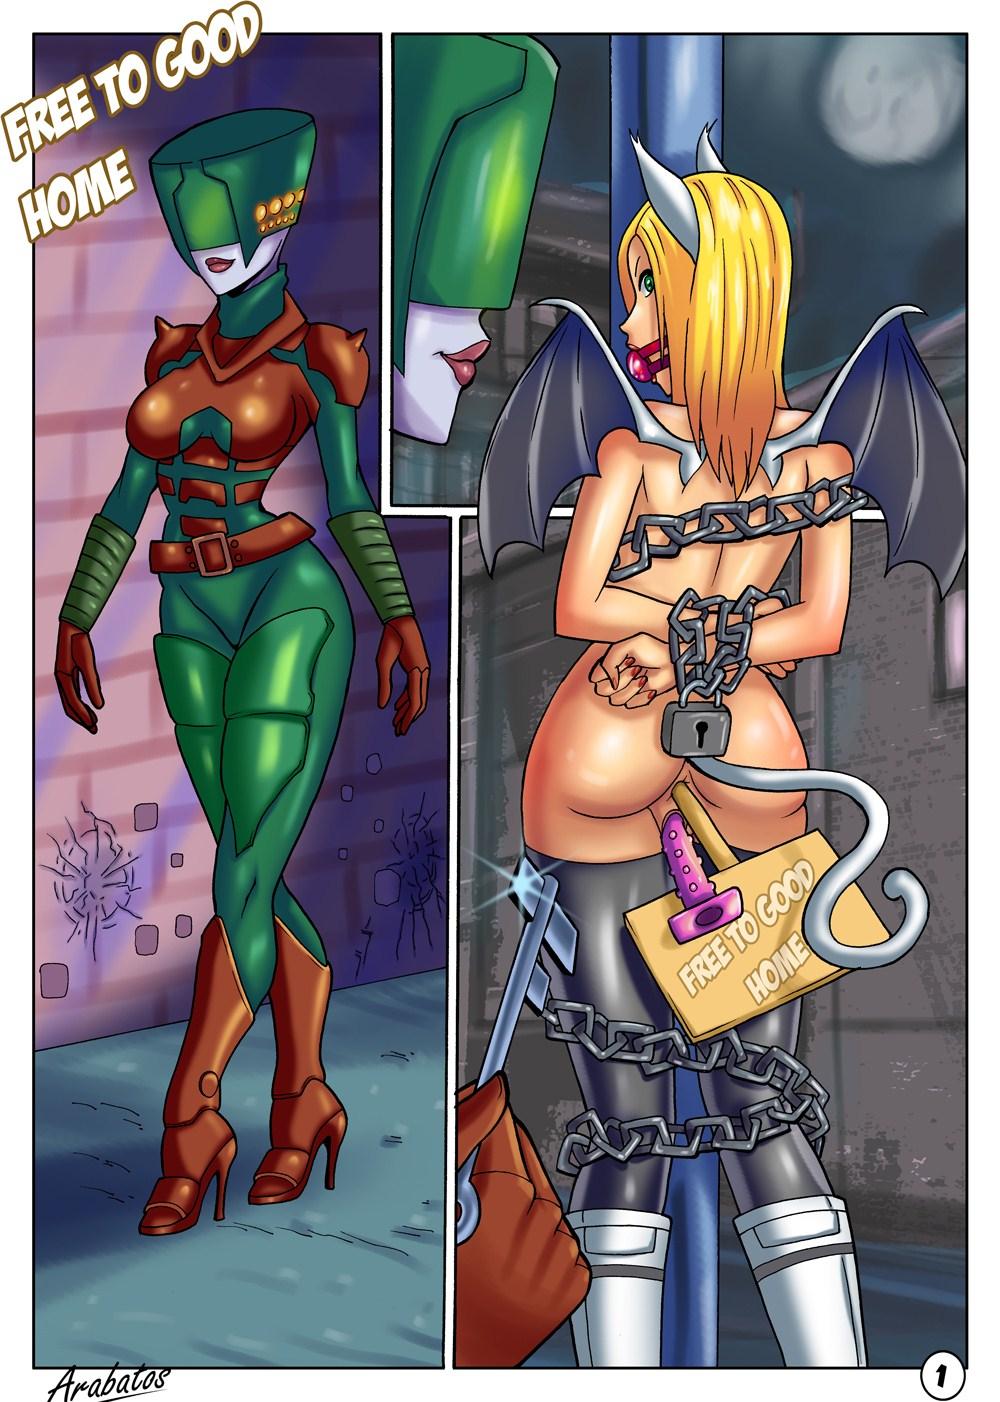 Porn Comics - Arabatos- Free To Good porn comics 8 muses